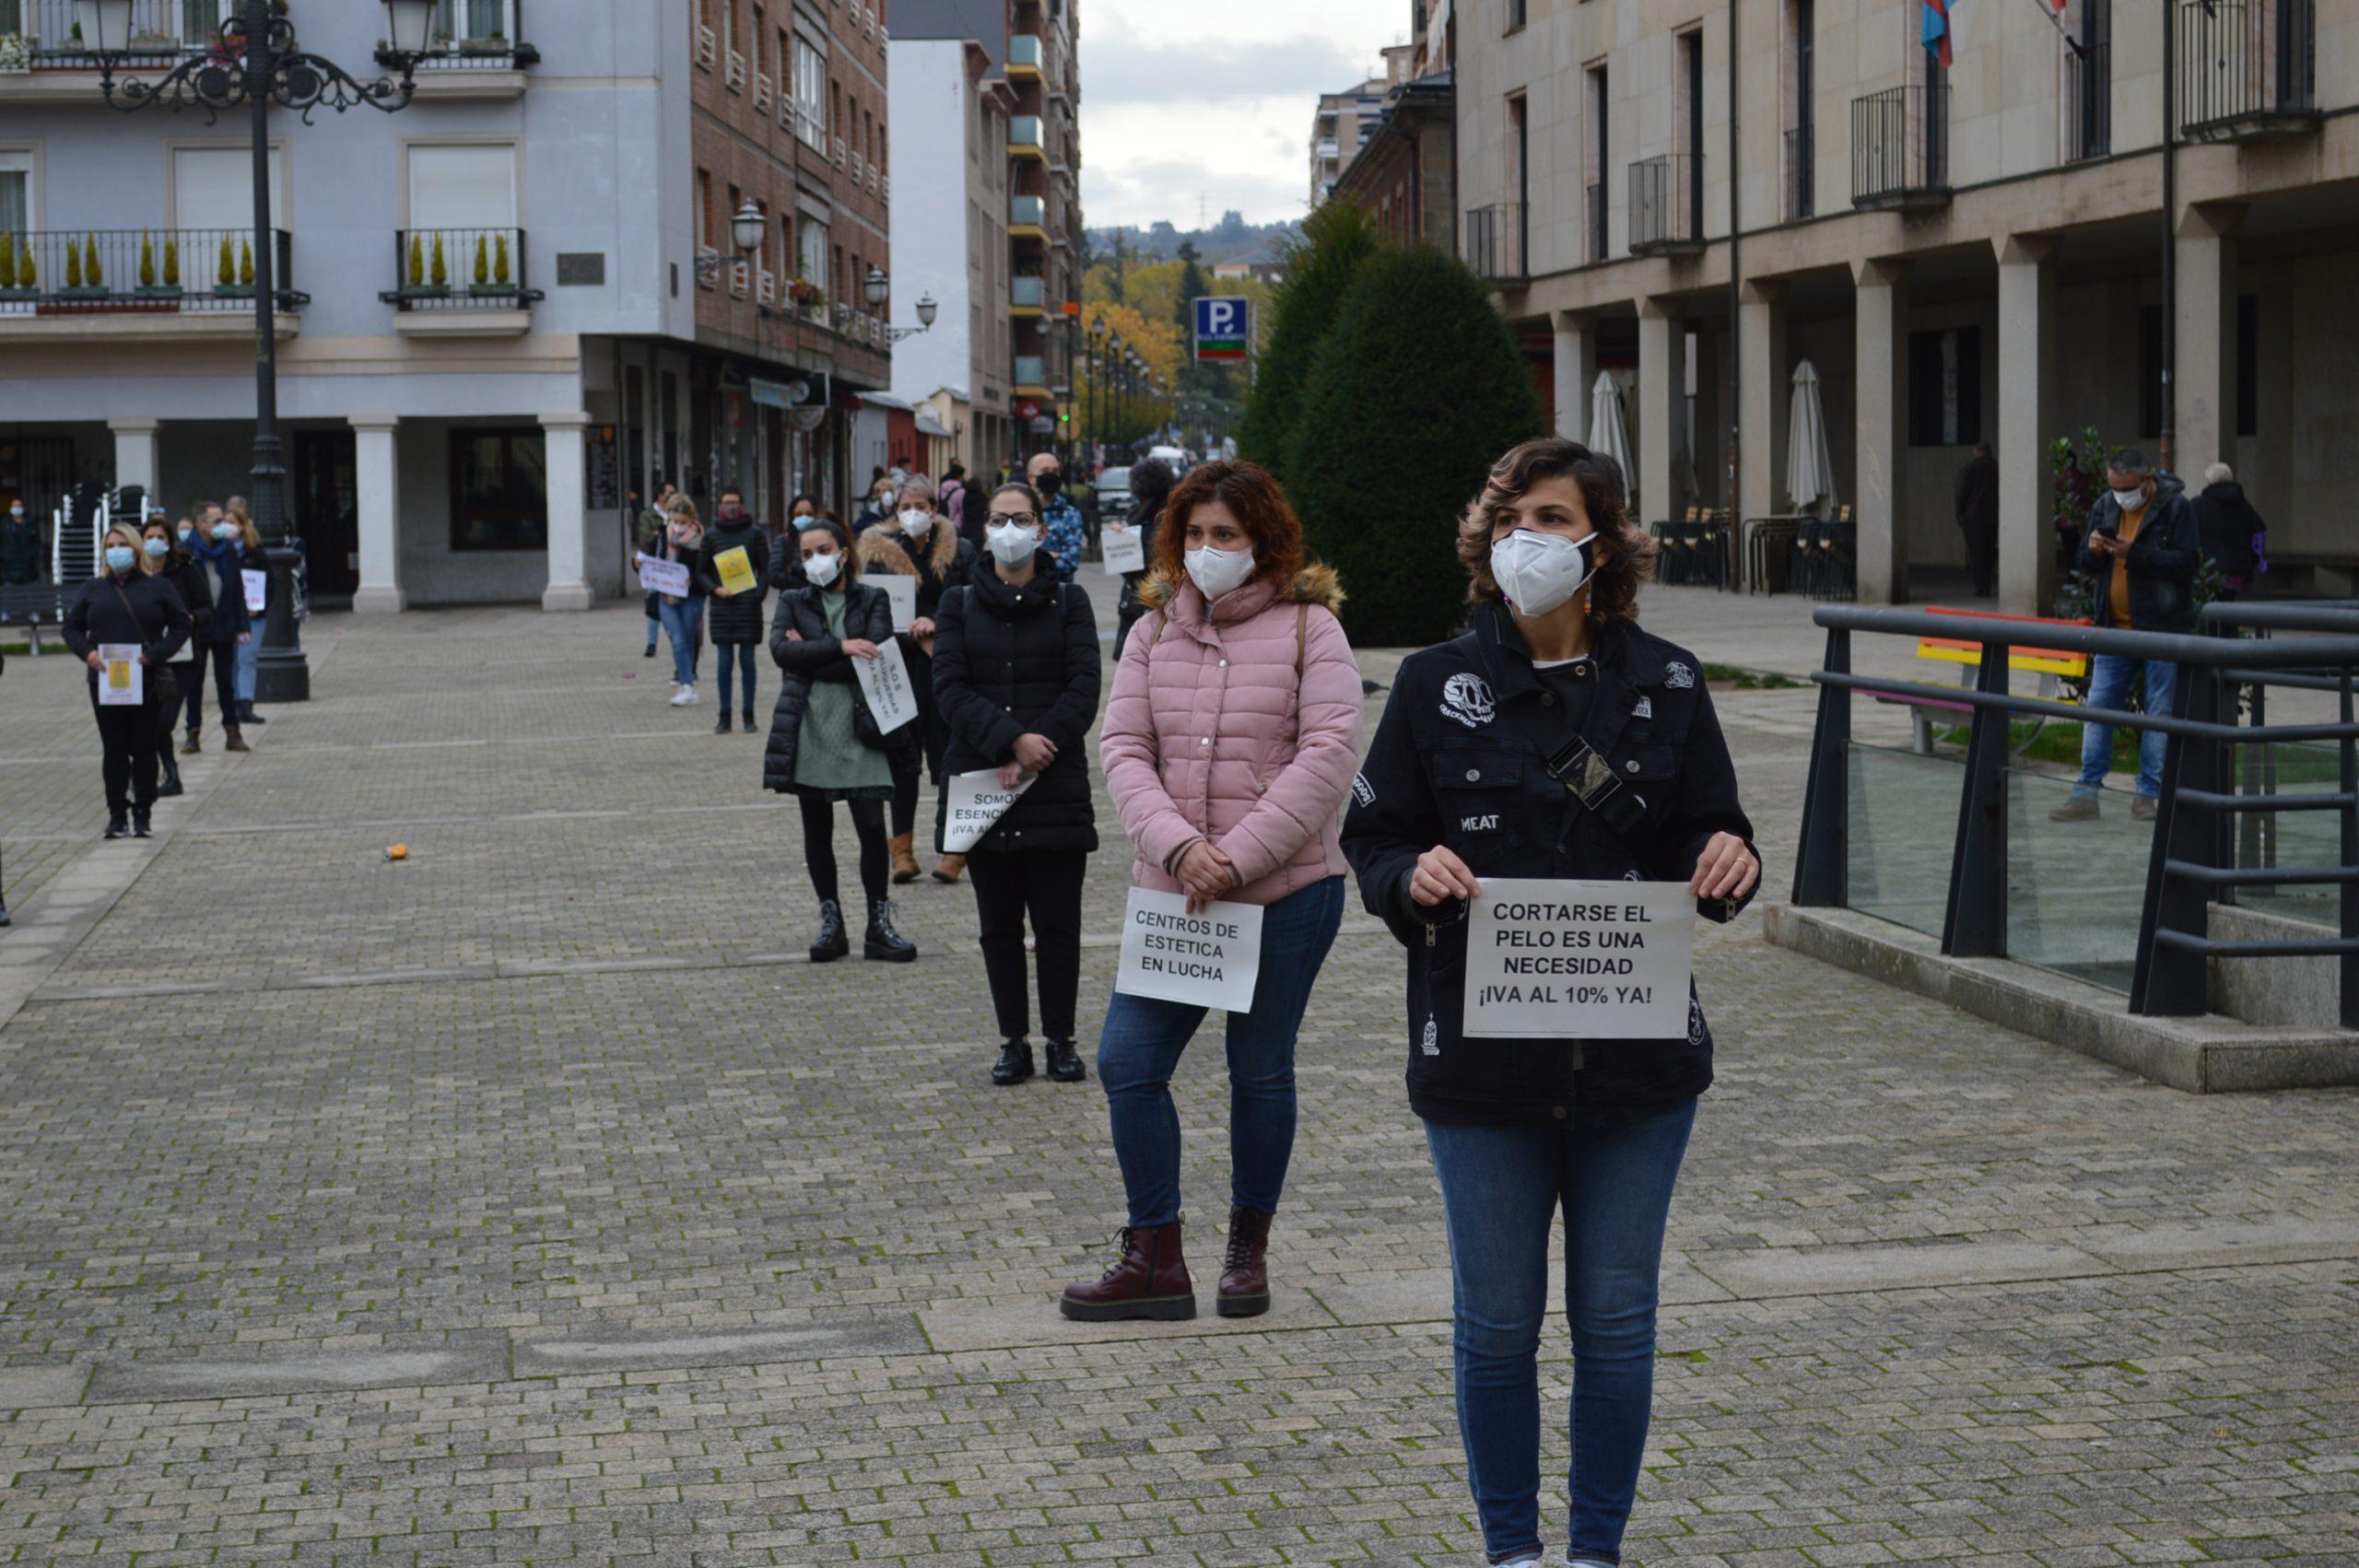 Peluquerías y centros de belleza de El Bierzo y Laciana se concentran en Ponferrada pidiendo apoyo para mantener el sector a flote 6